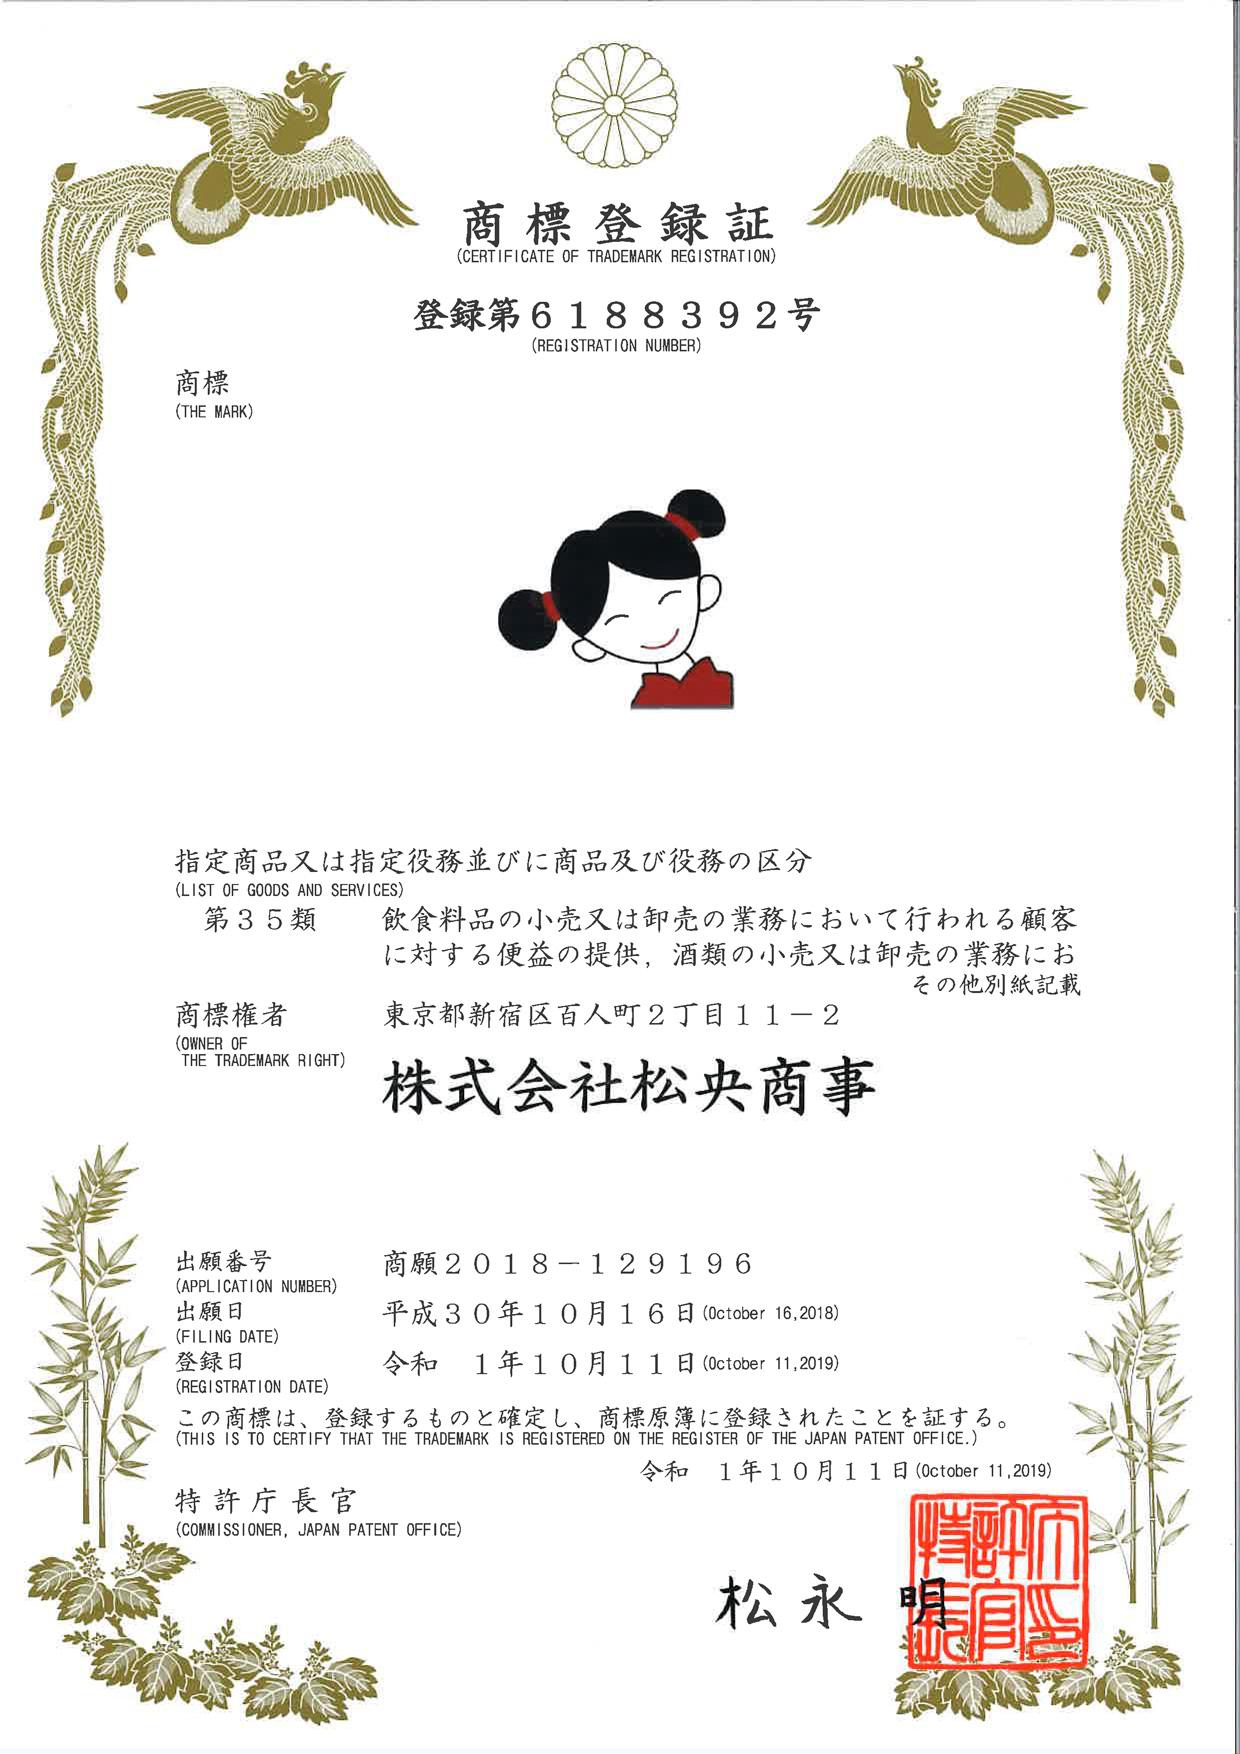 華僑服務社 ロゴマーク